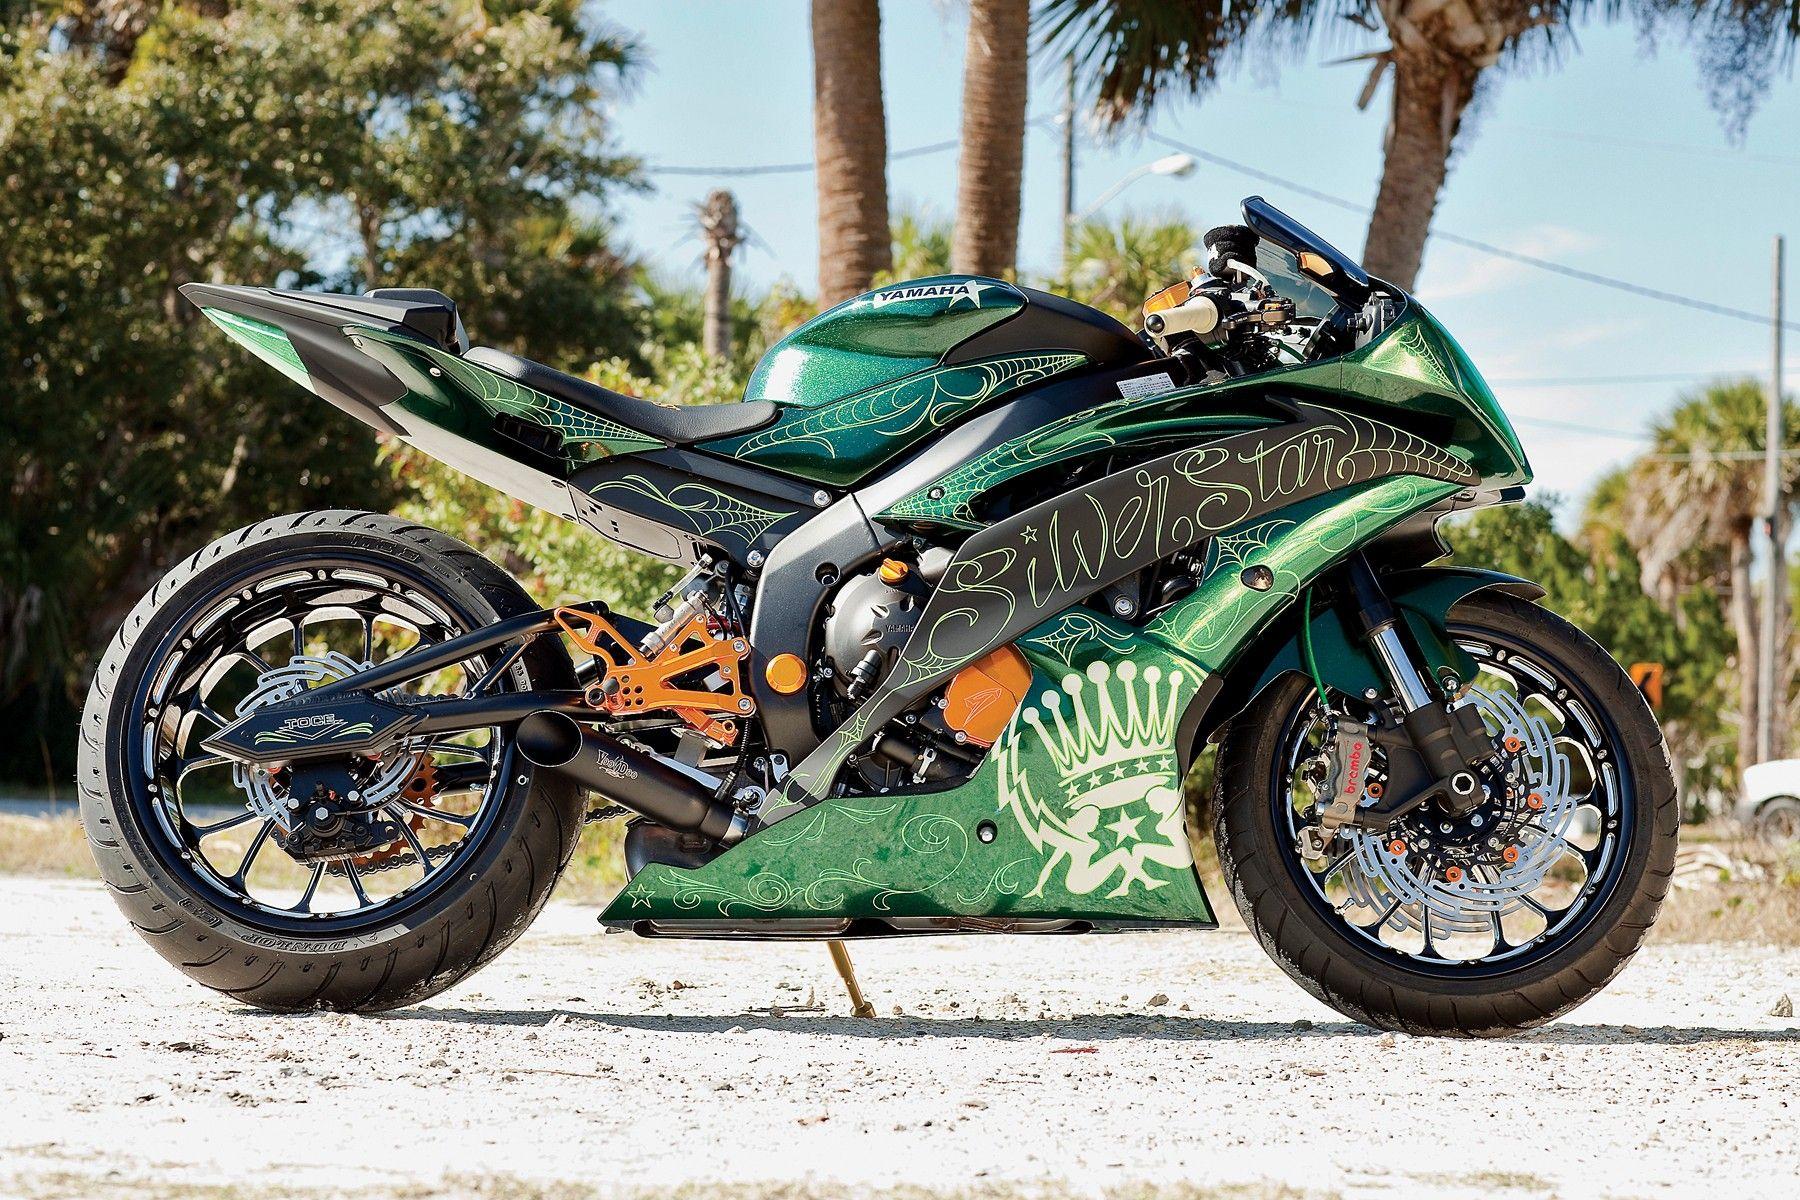 Pin Oleh Yosep Iskandar Di Motorcycles